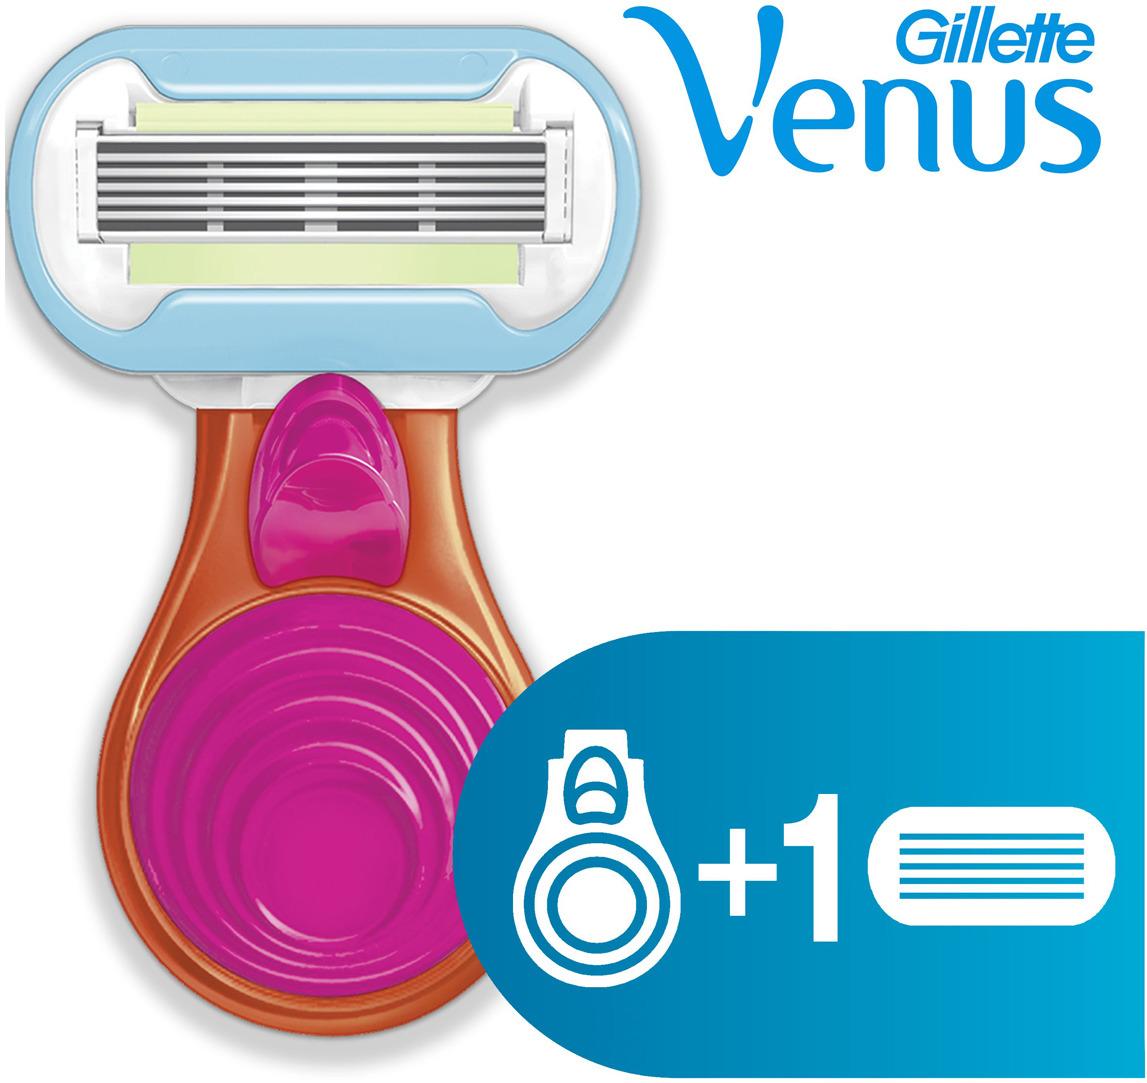 Женская бритва Gillette Venus Snap с 1 сменной кассетой